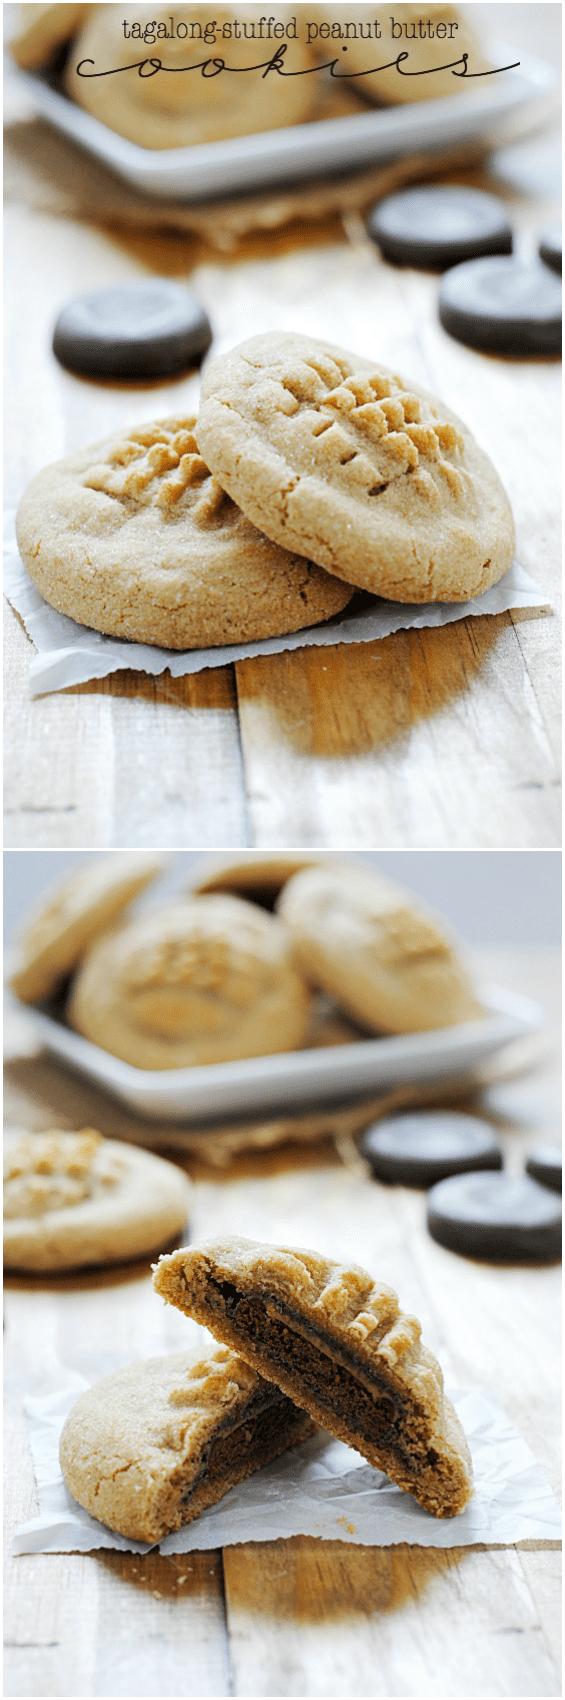 Tagalong-stuffed Peanut Butter Cookies | www.somethingswanky.com